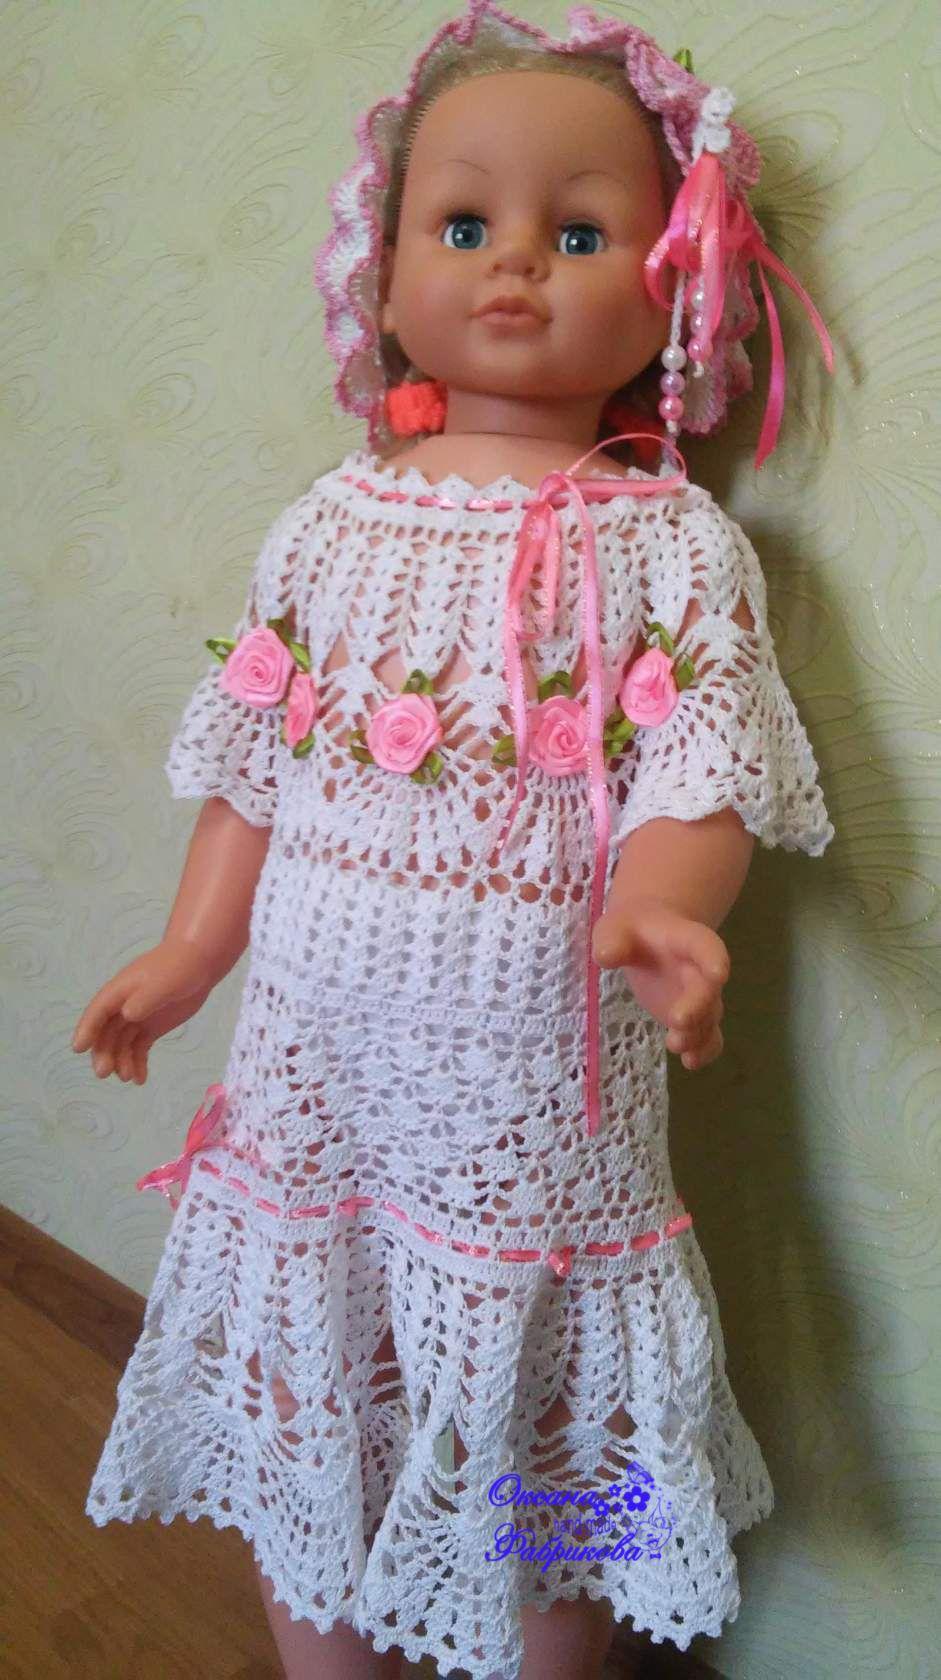 детское на вязание вязанная девочки заказ летнее для детям крючком повязка вяжу ажурное платье летняя голову детскеое шляпа хлопок100 шляпка